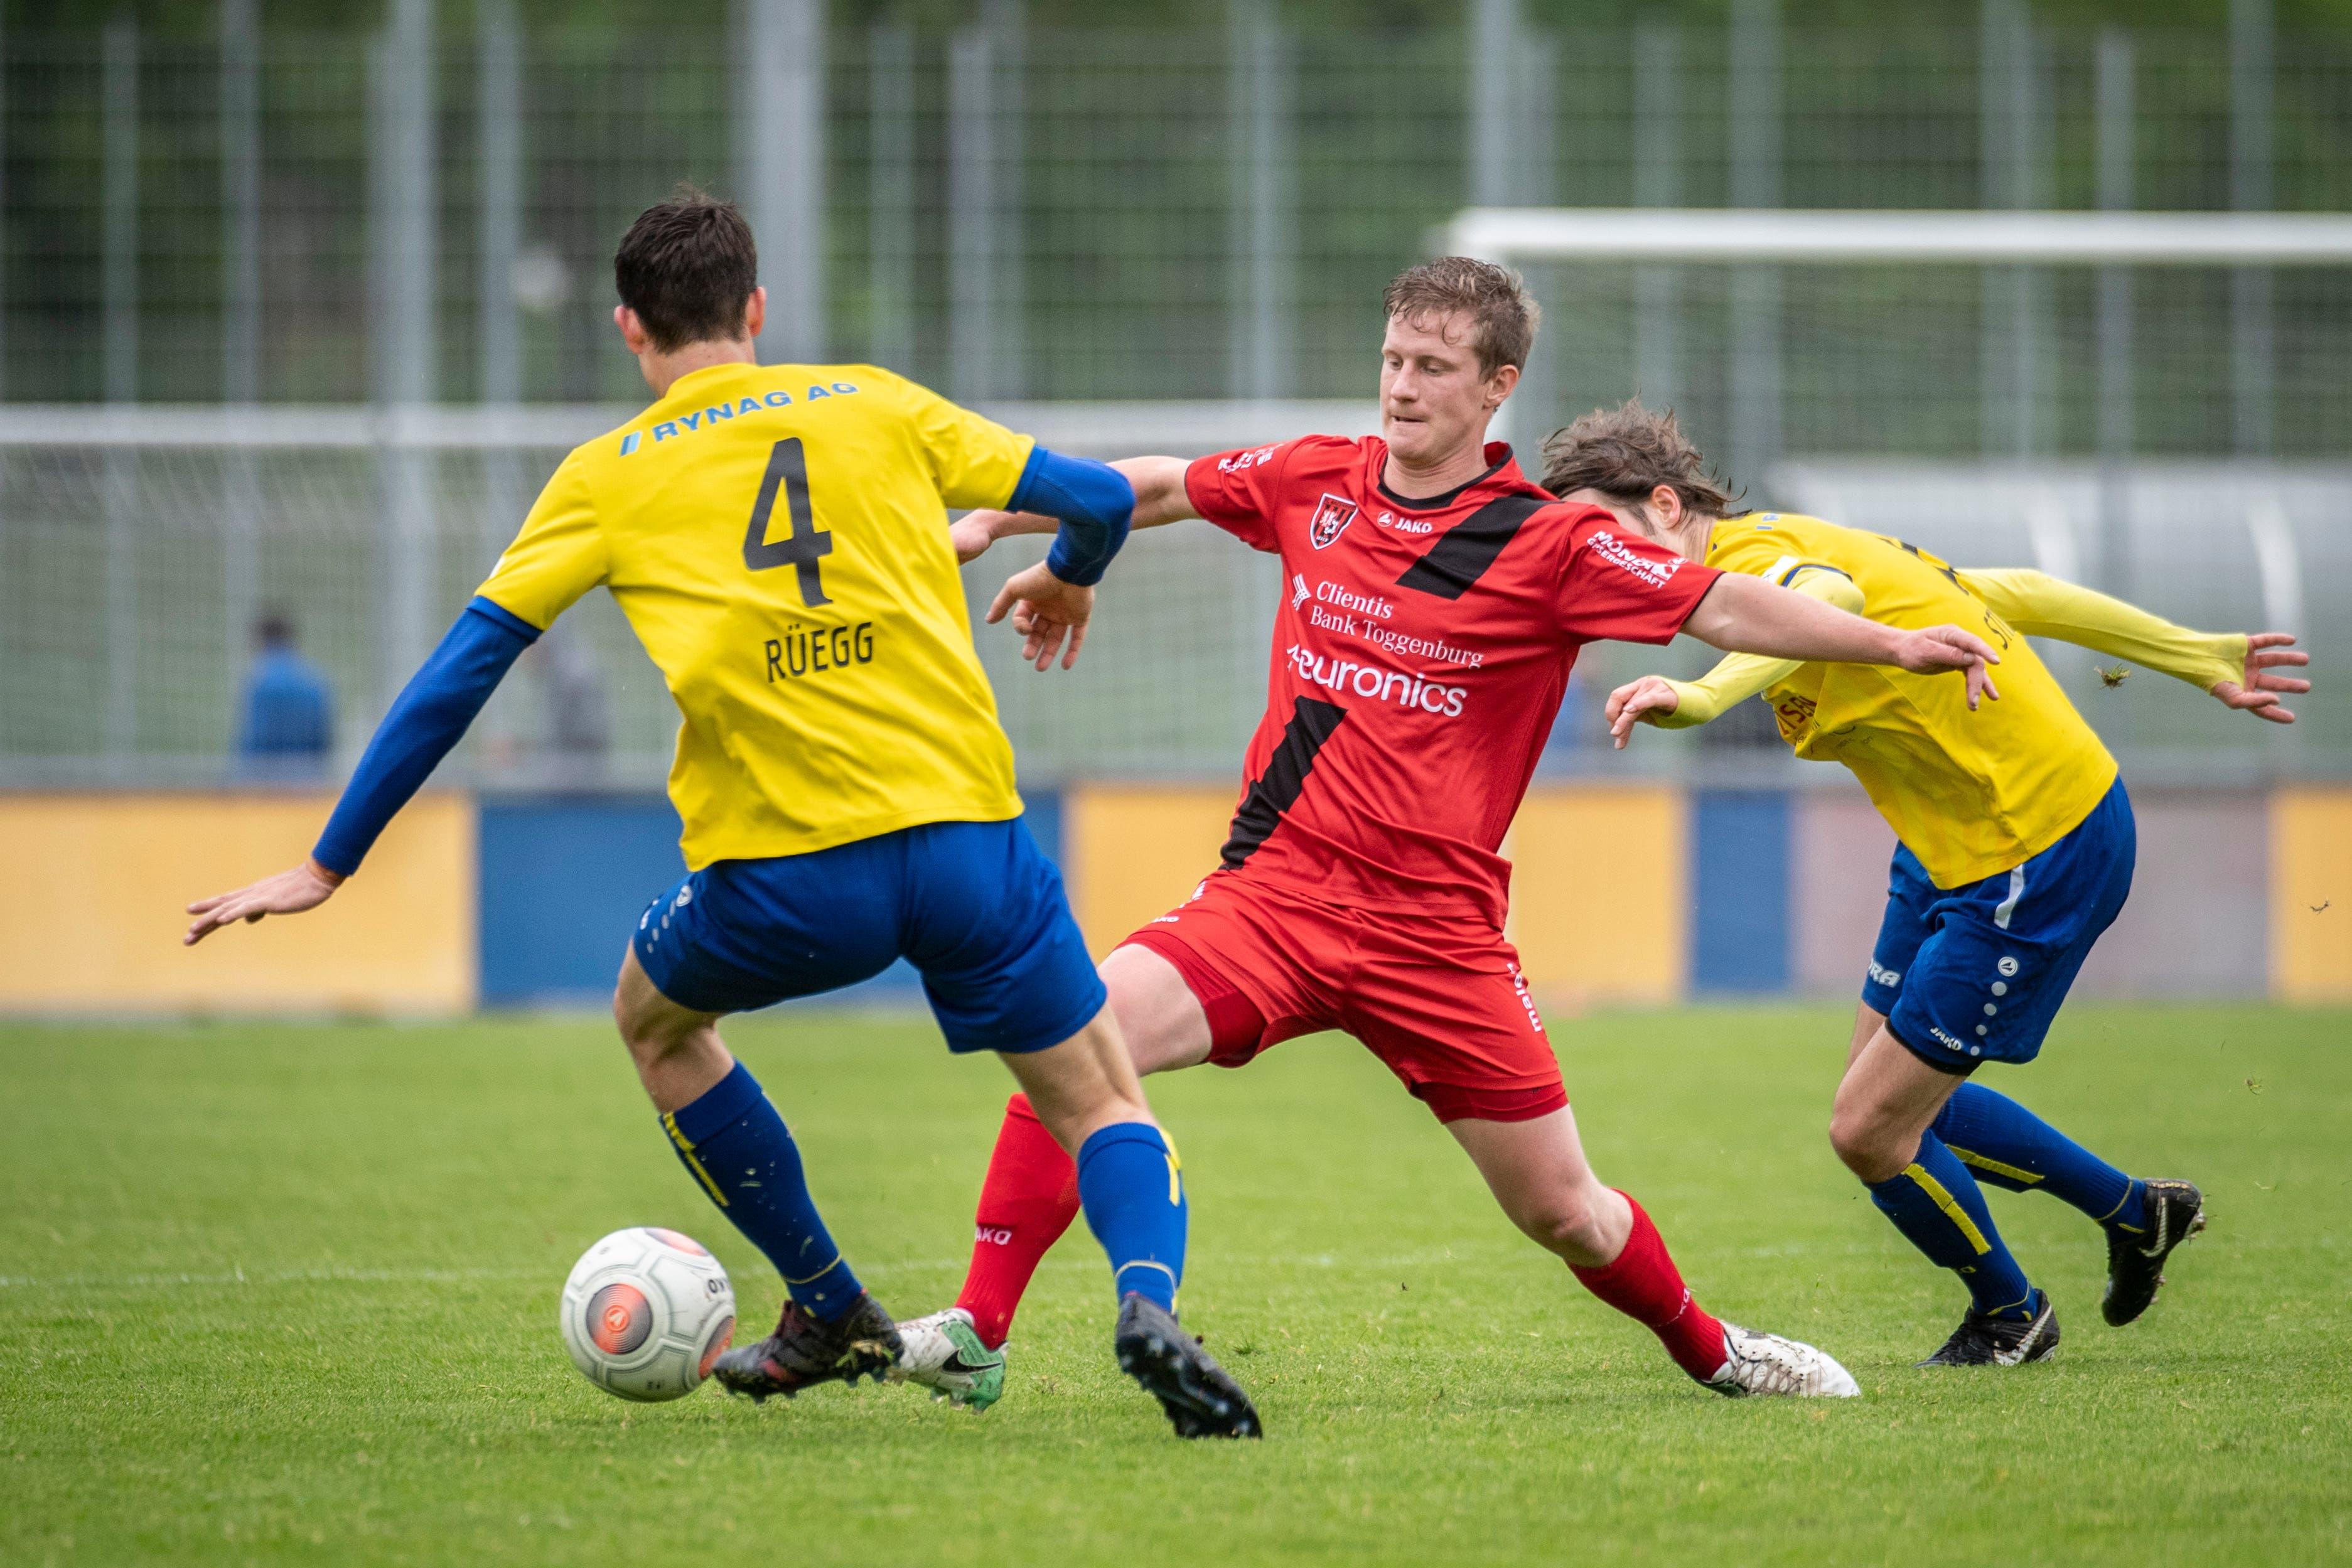 Bazenheids Mario Kuhn (im roten Trikot) muss sich im Derby gleich gegen zwei Uzwiler behaupten. (Bild: Urs Bucher/TAGBLATT)